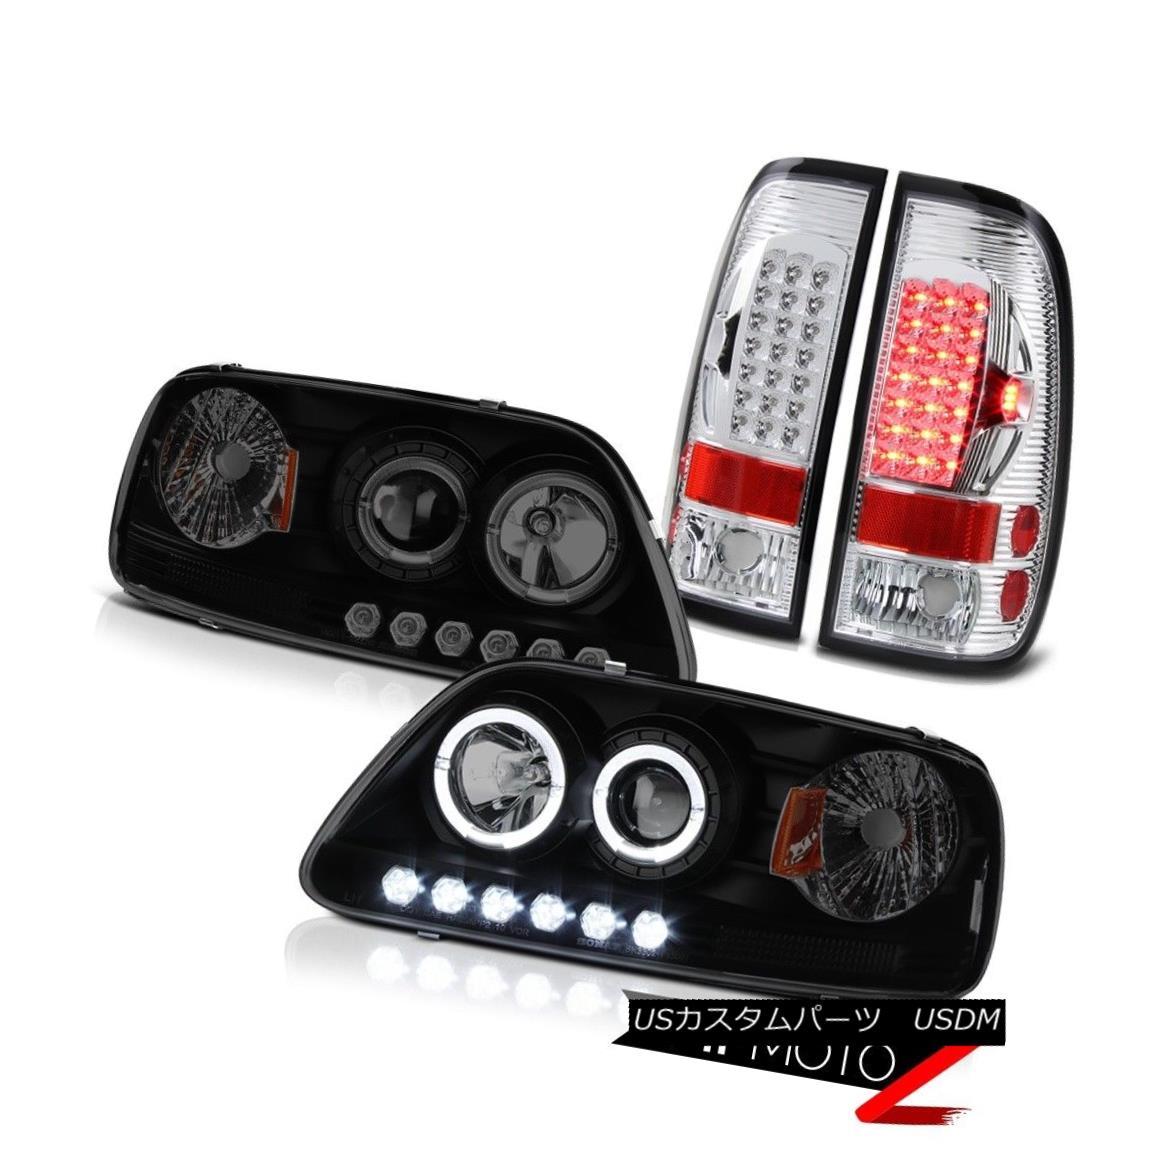 テールライト F150 Lariat 1997 1998 Twin Halo Rim Headlight Smoke Chrome Rear Tail Lamp Lights F150ラリアット1997年1998年ツインハローリムヘッドライトスモーククロームリアテールランプライト